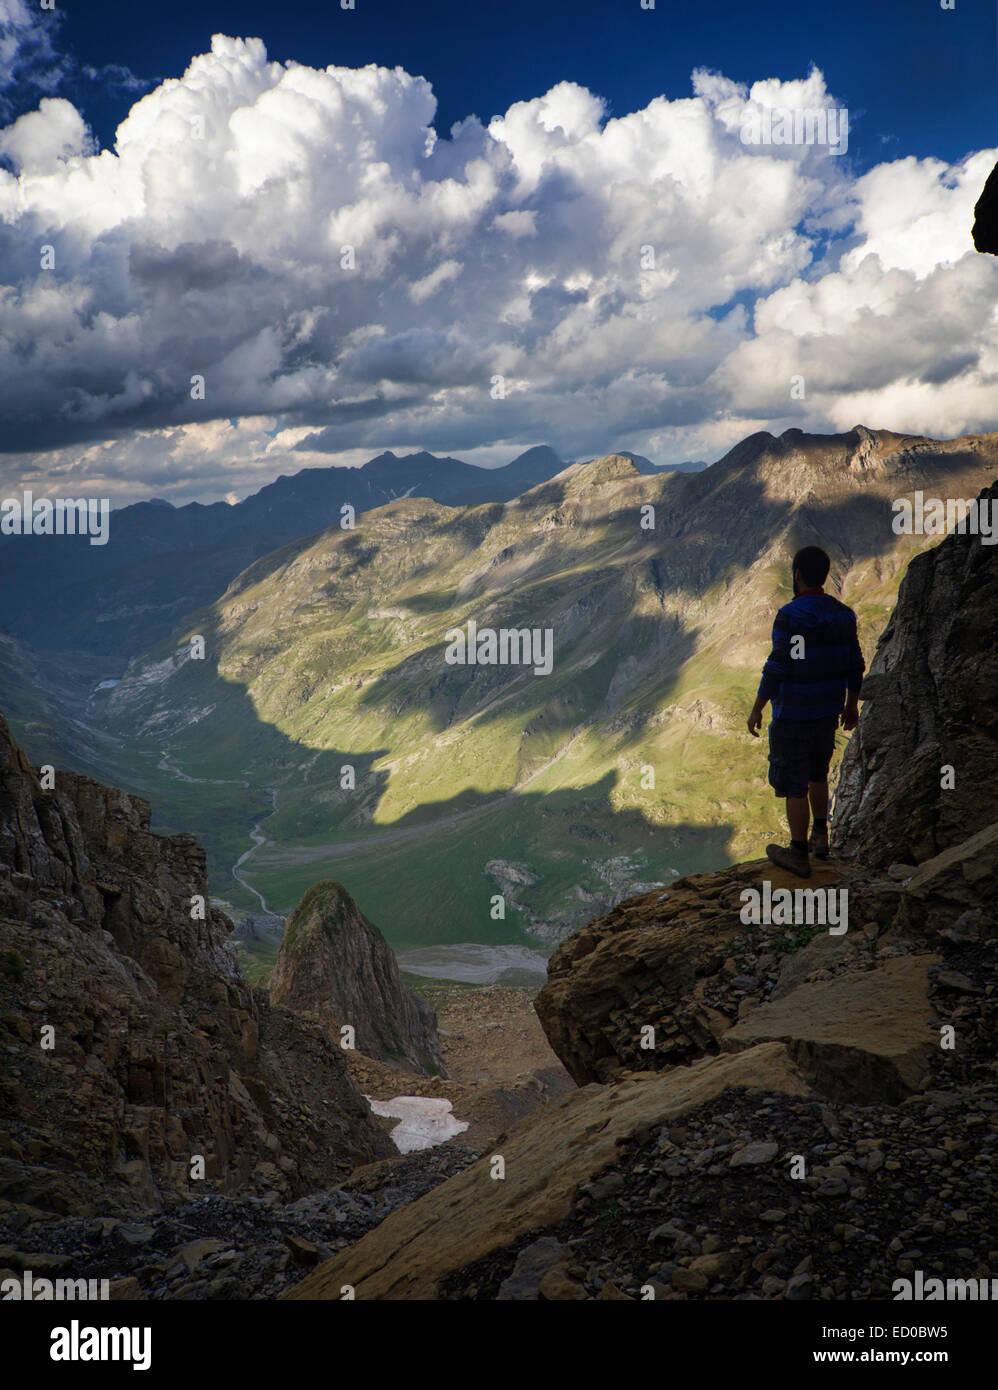 España, Aragan, provincia de Huesca, Bielsa, Paisaje con hombre que mira a ver en los Pirineos Imagen De Stock